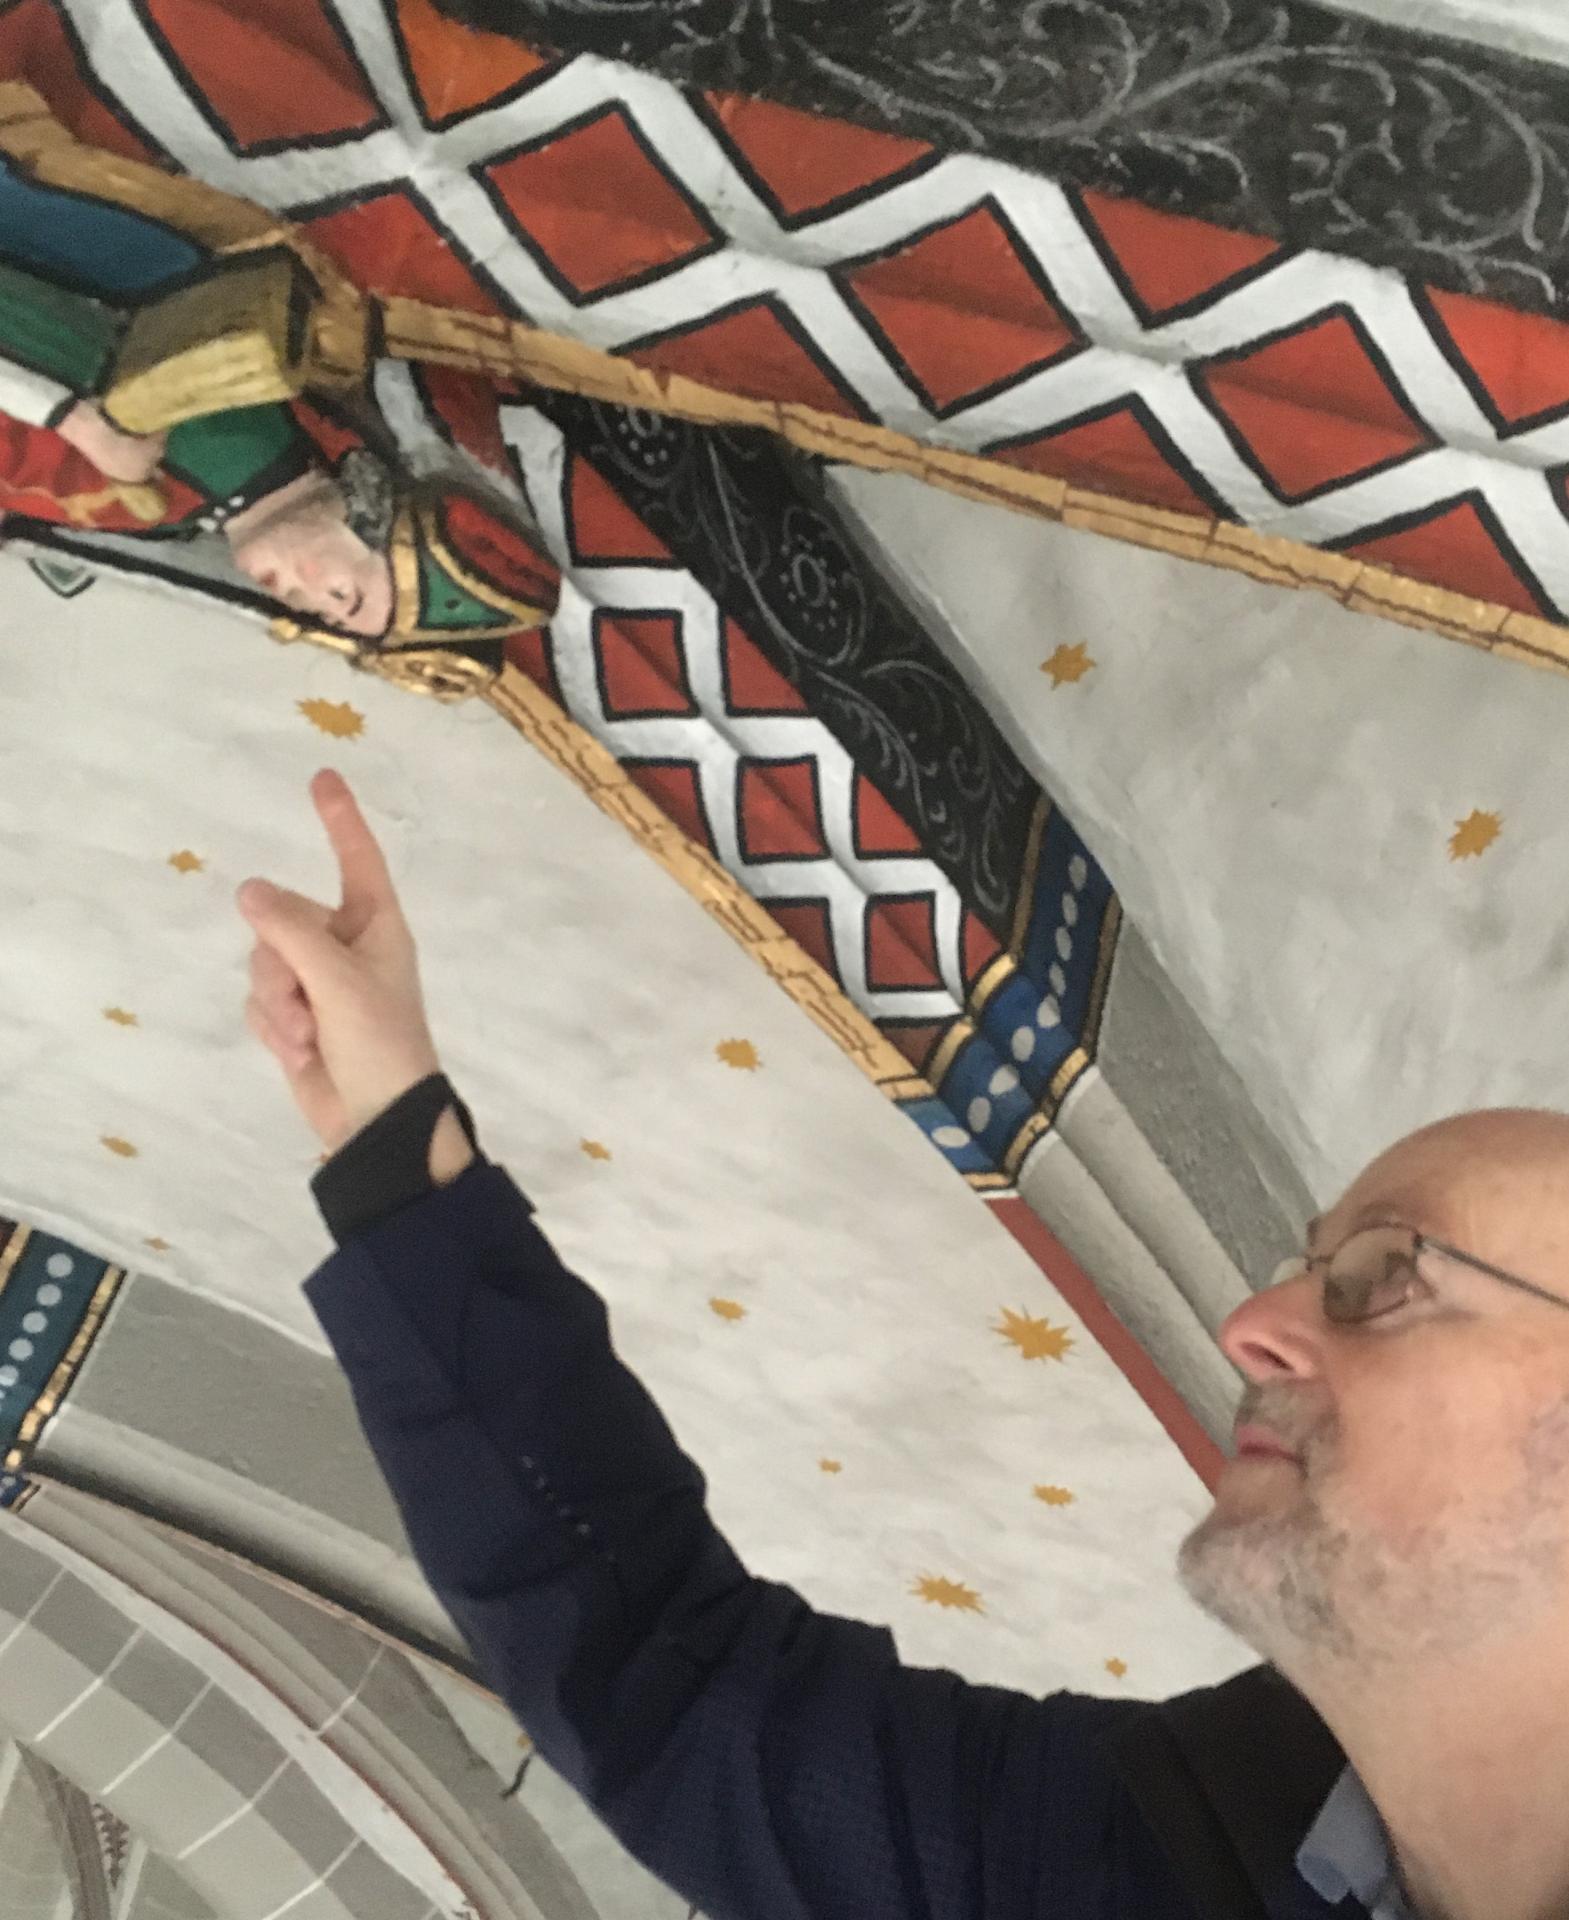 Christian Steigertahl zeigt auf Sixtus im Abstand von 10 cm